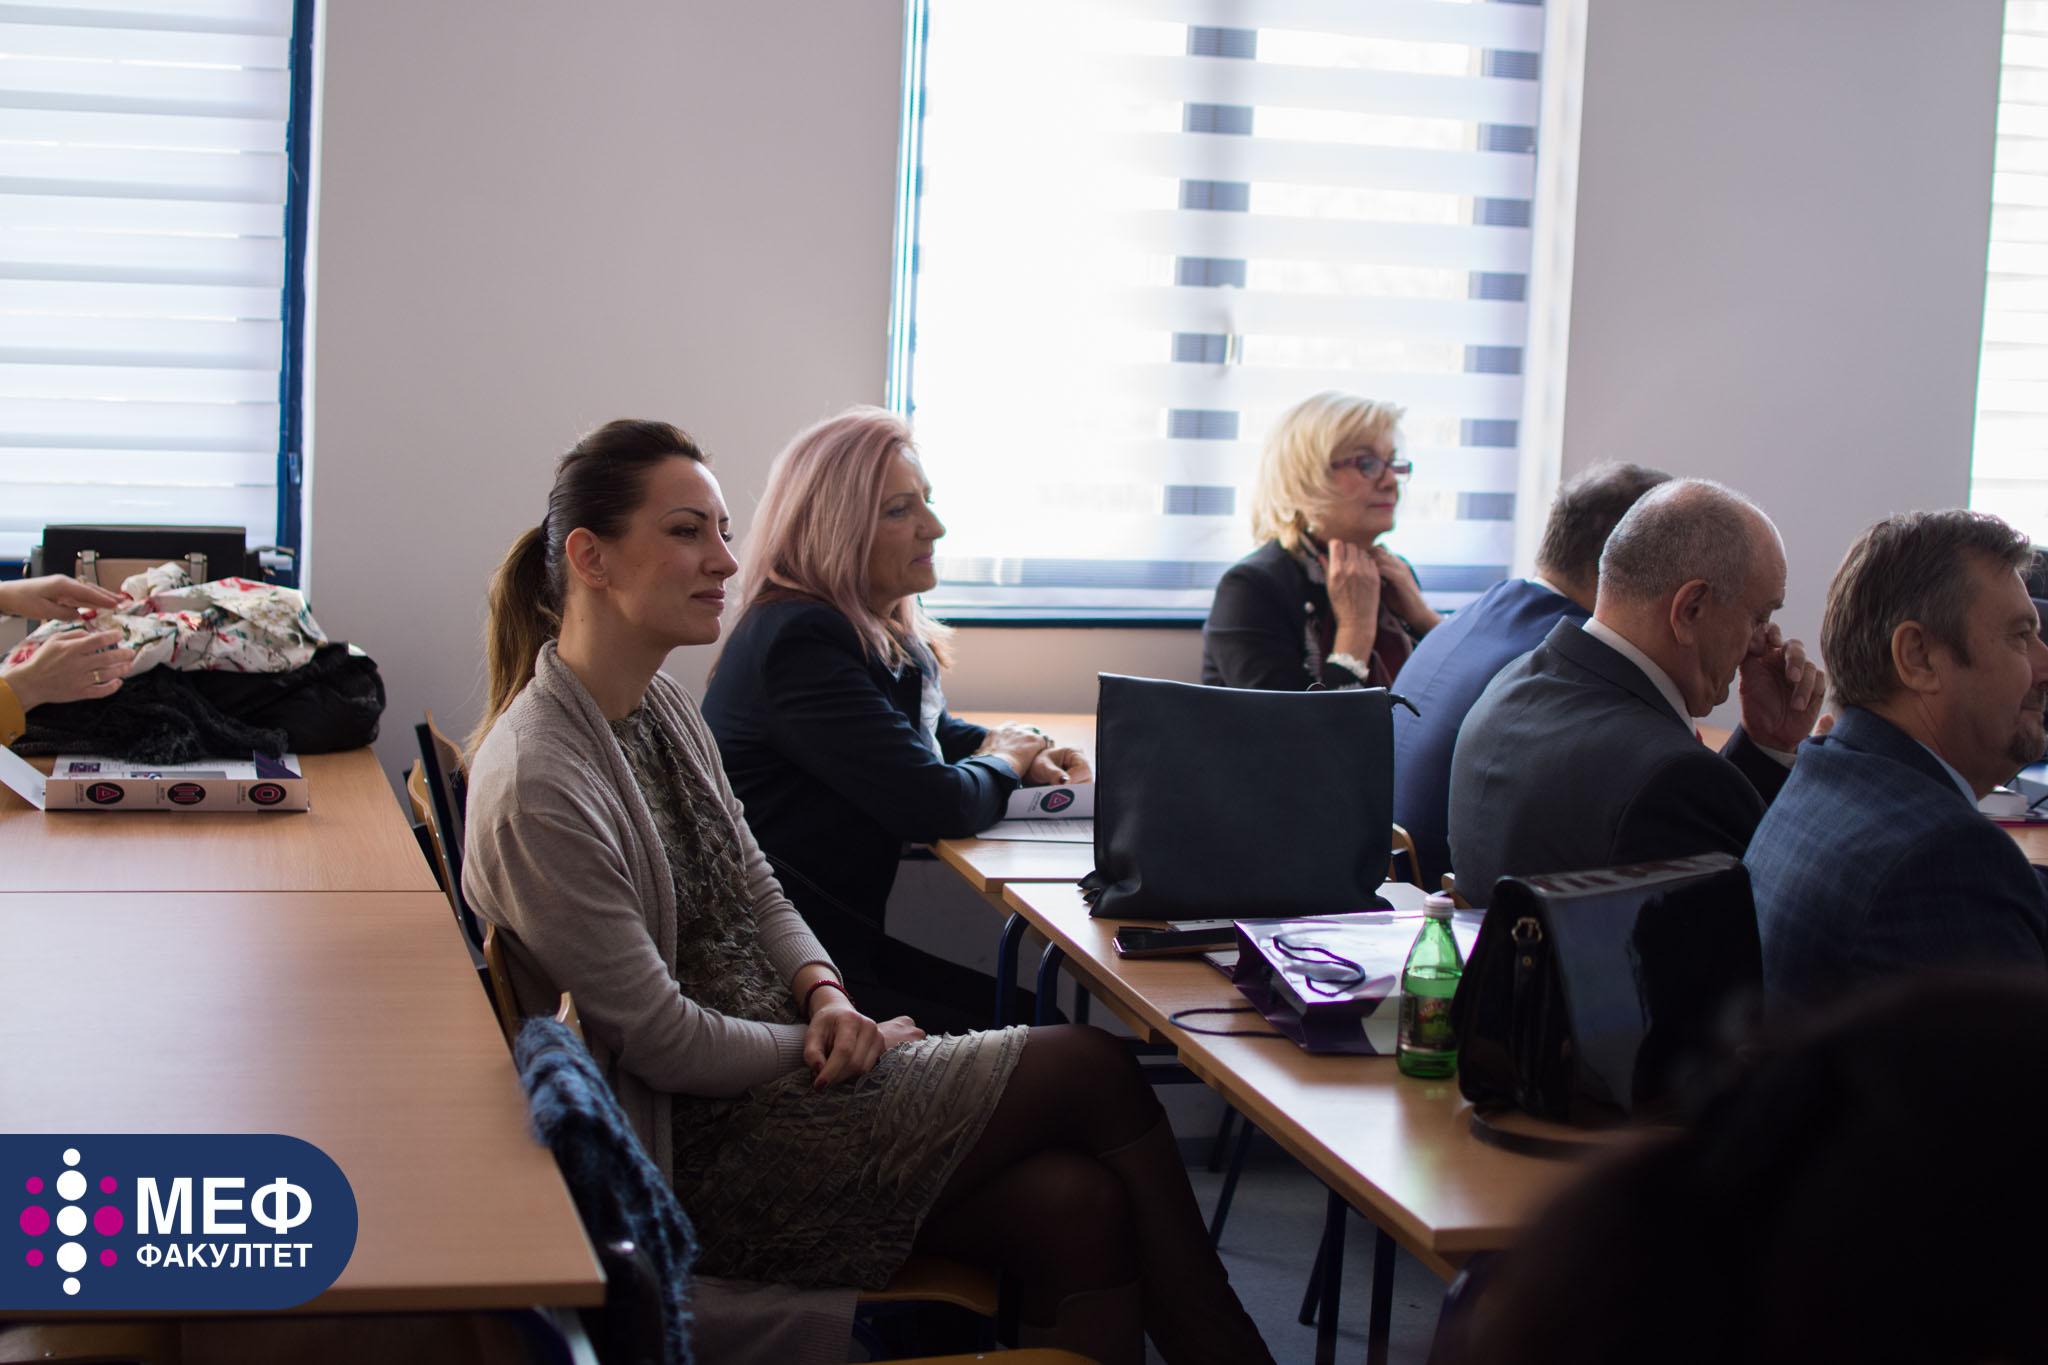 MEF Fakultet - izvestaj sa konferencije 10